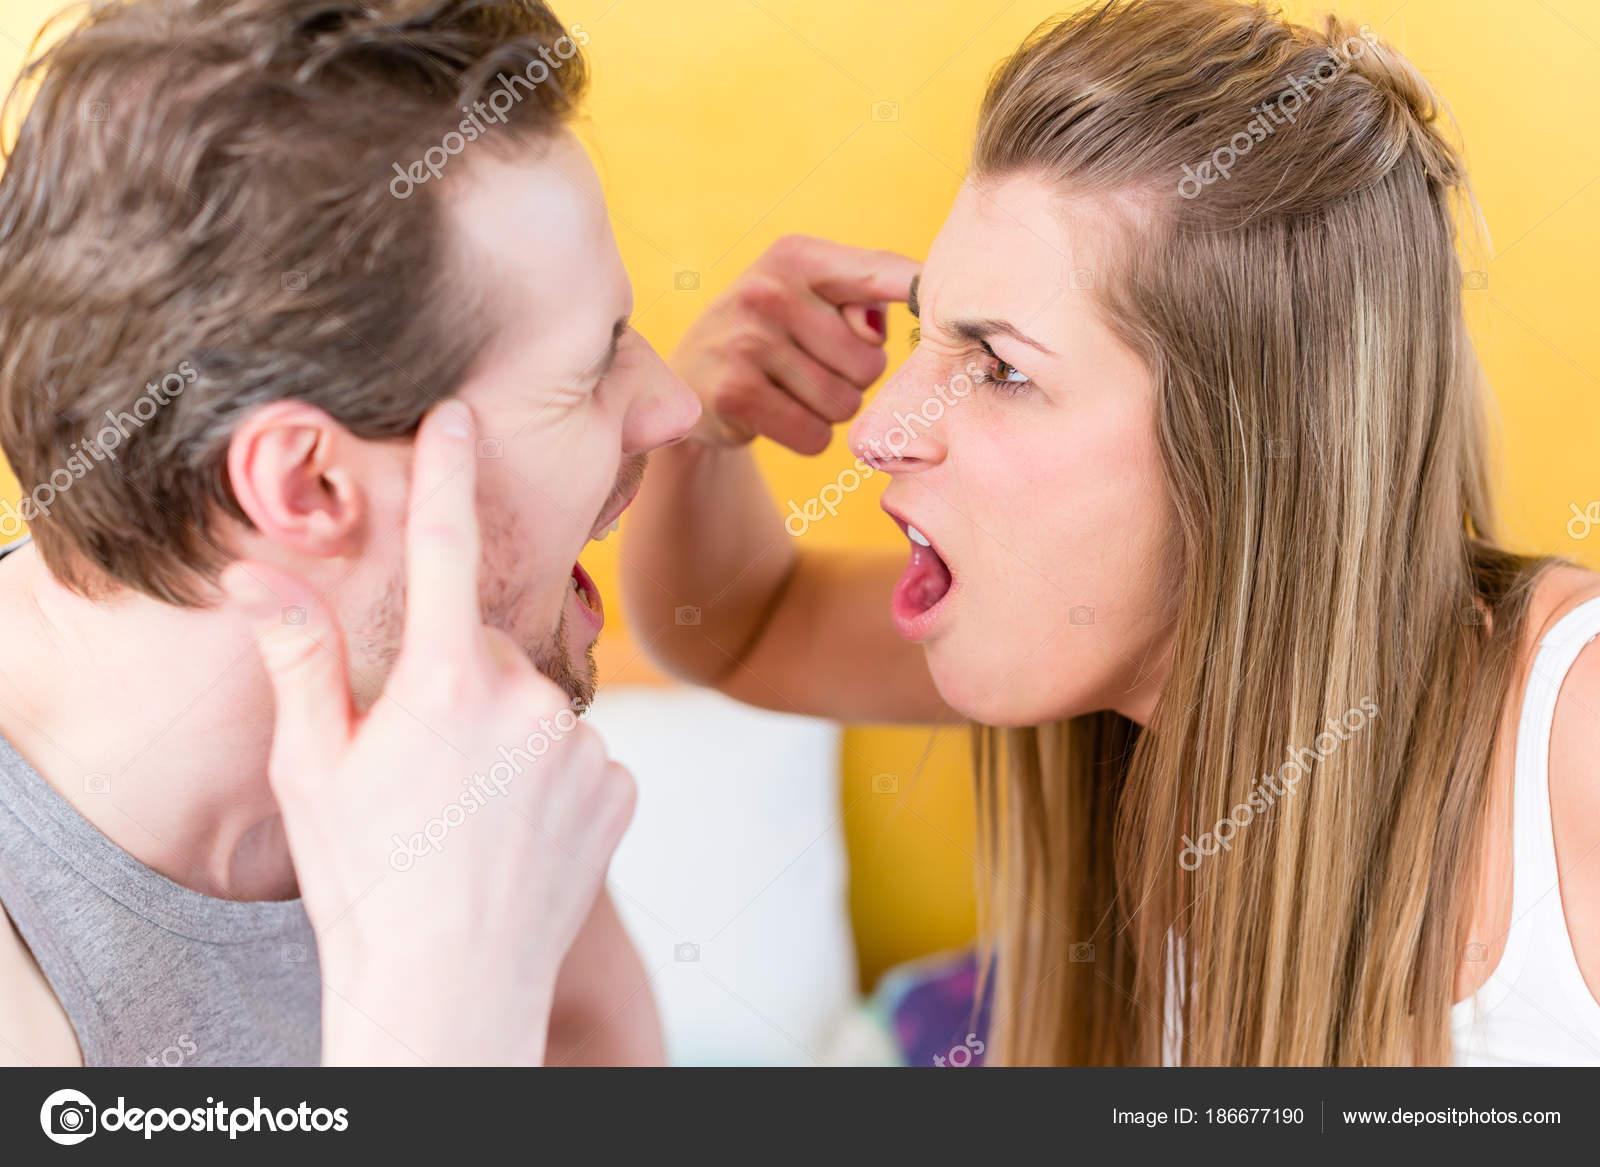 Άγριο μαμά σεξ φωτογραφίες